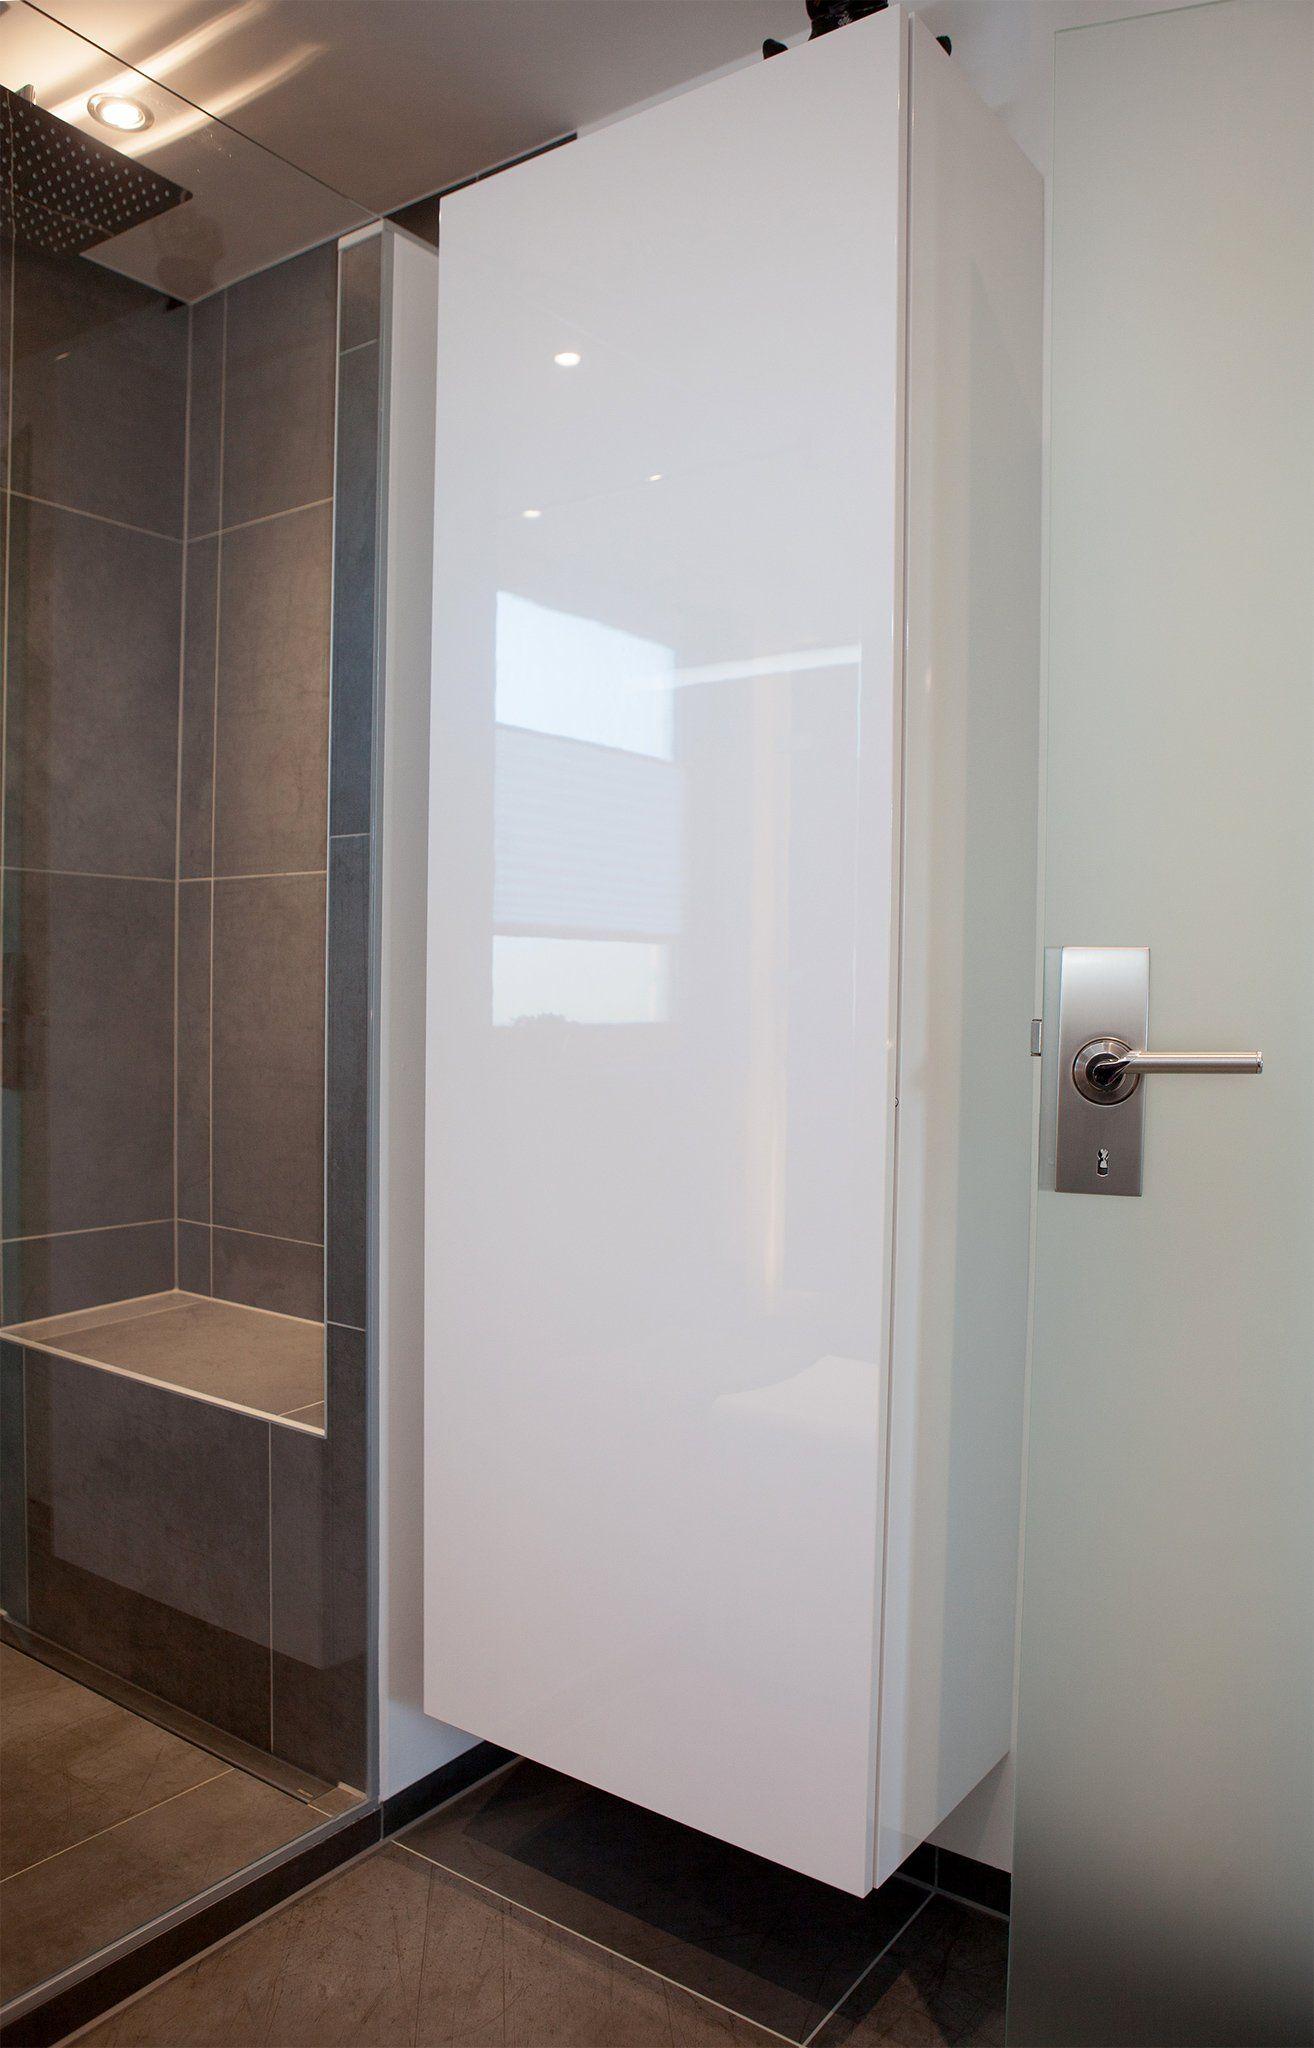 Großer, weißer Hängeschrank im Bad | Bad | Pinterest | Hängeschrank ...